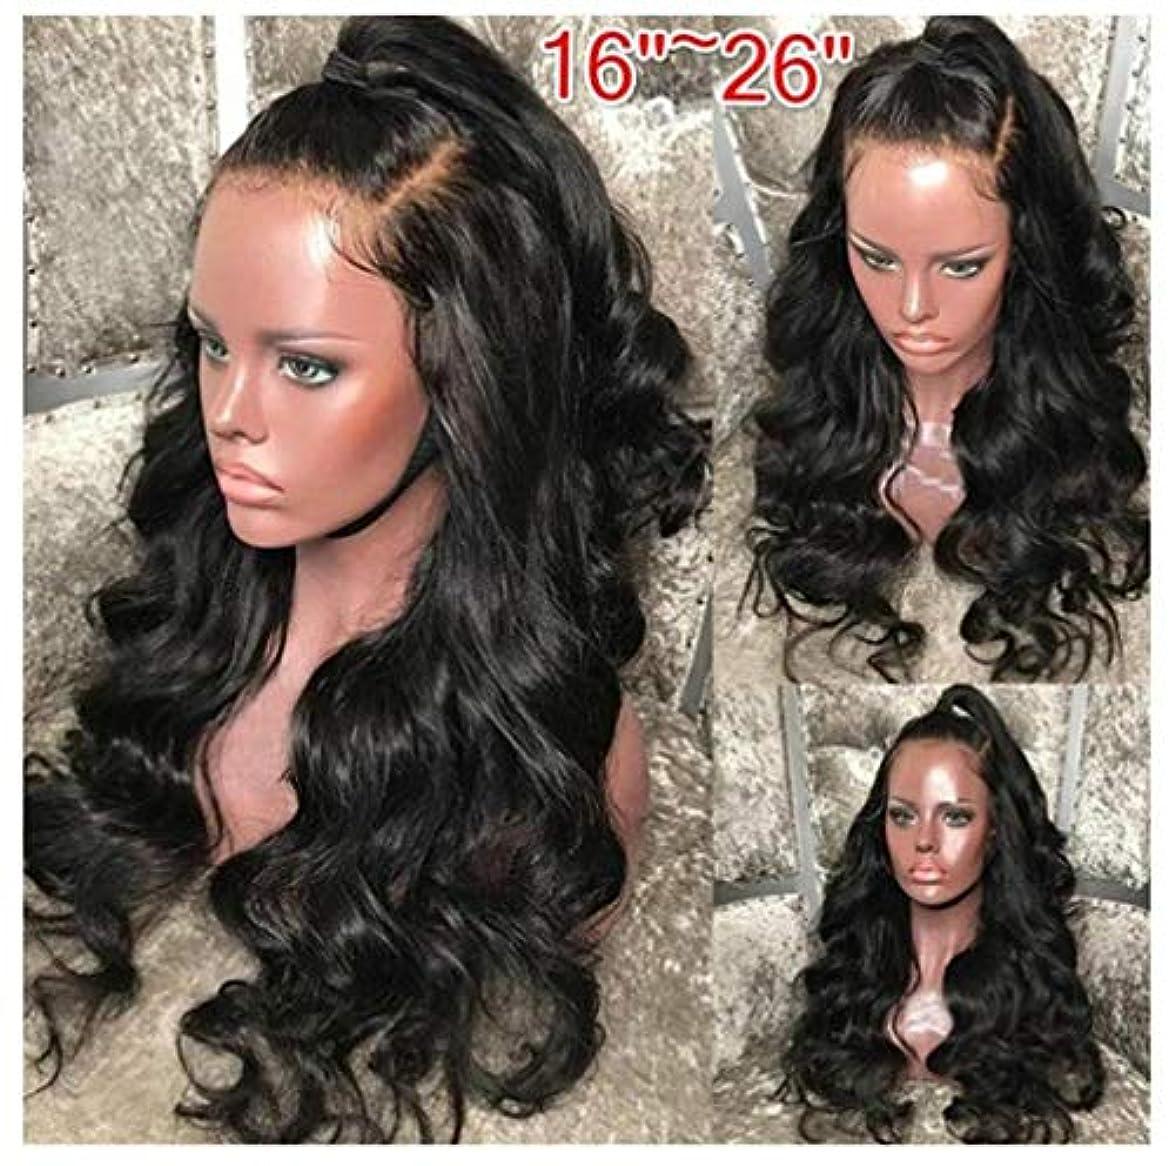 枝バンケット機関車女性かつらヘアレースフロントグルーレスショートボブ人工毛ウィッグ波状わずかにベビーヘア150%密度